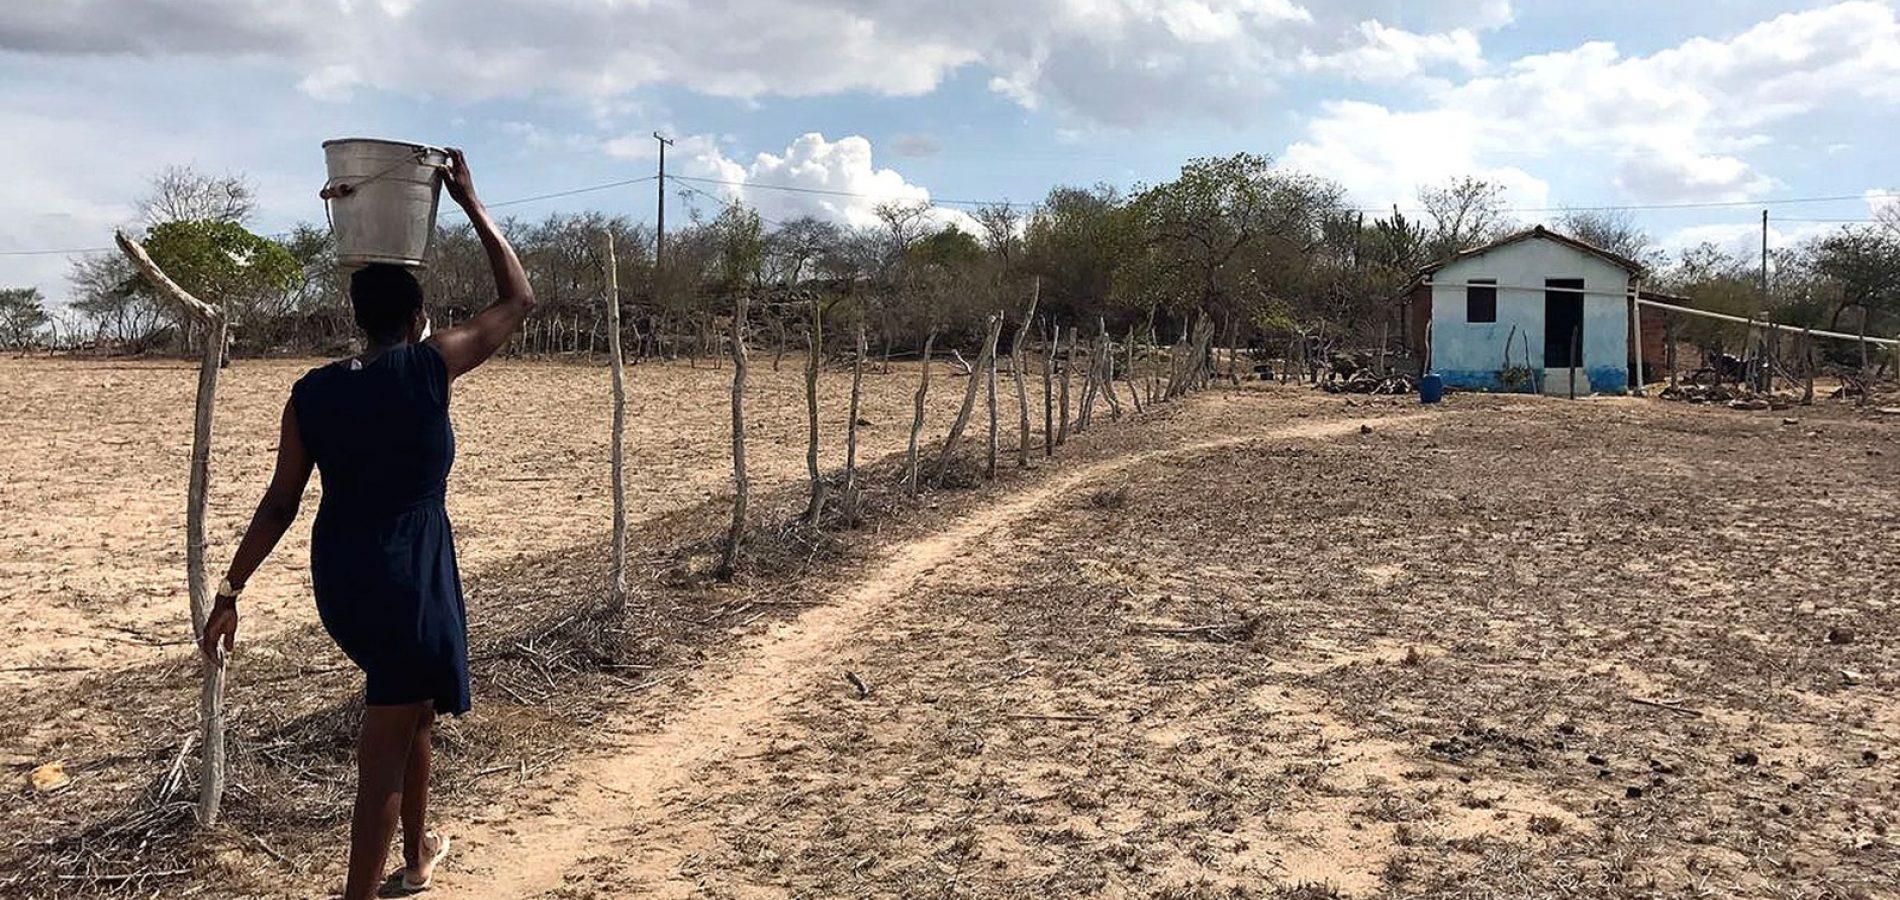 Nordeste em emergência: histórias de uma seca sem fim